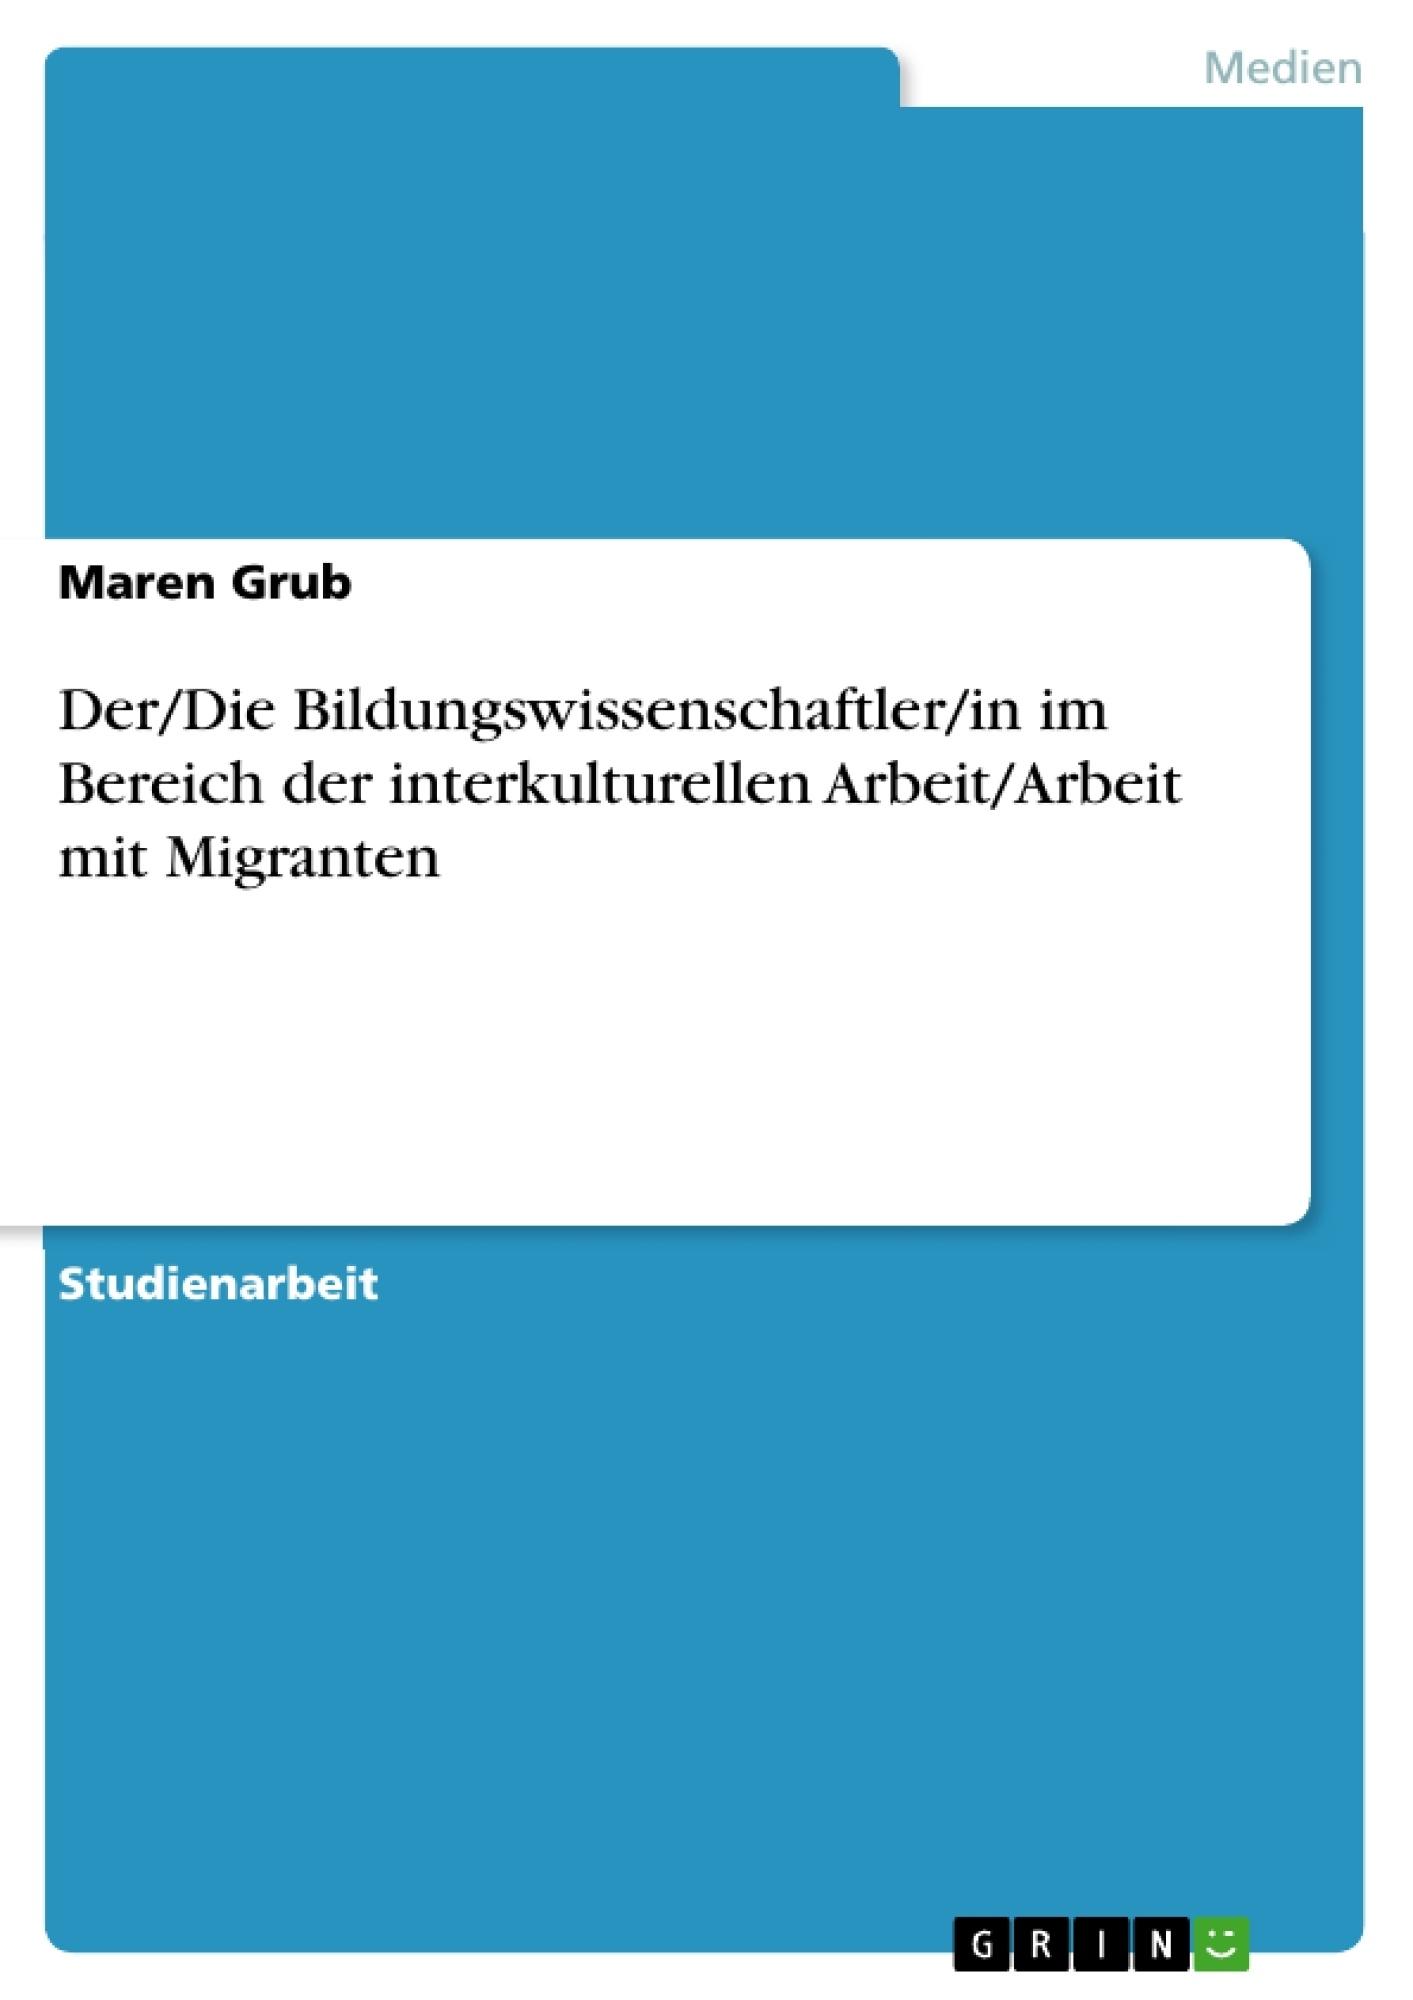 Titel: Der/Die Bildungswissenschaftler/in im Bereich der interkulturellen Arbeit/Arbeit mit Migranten